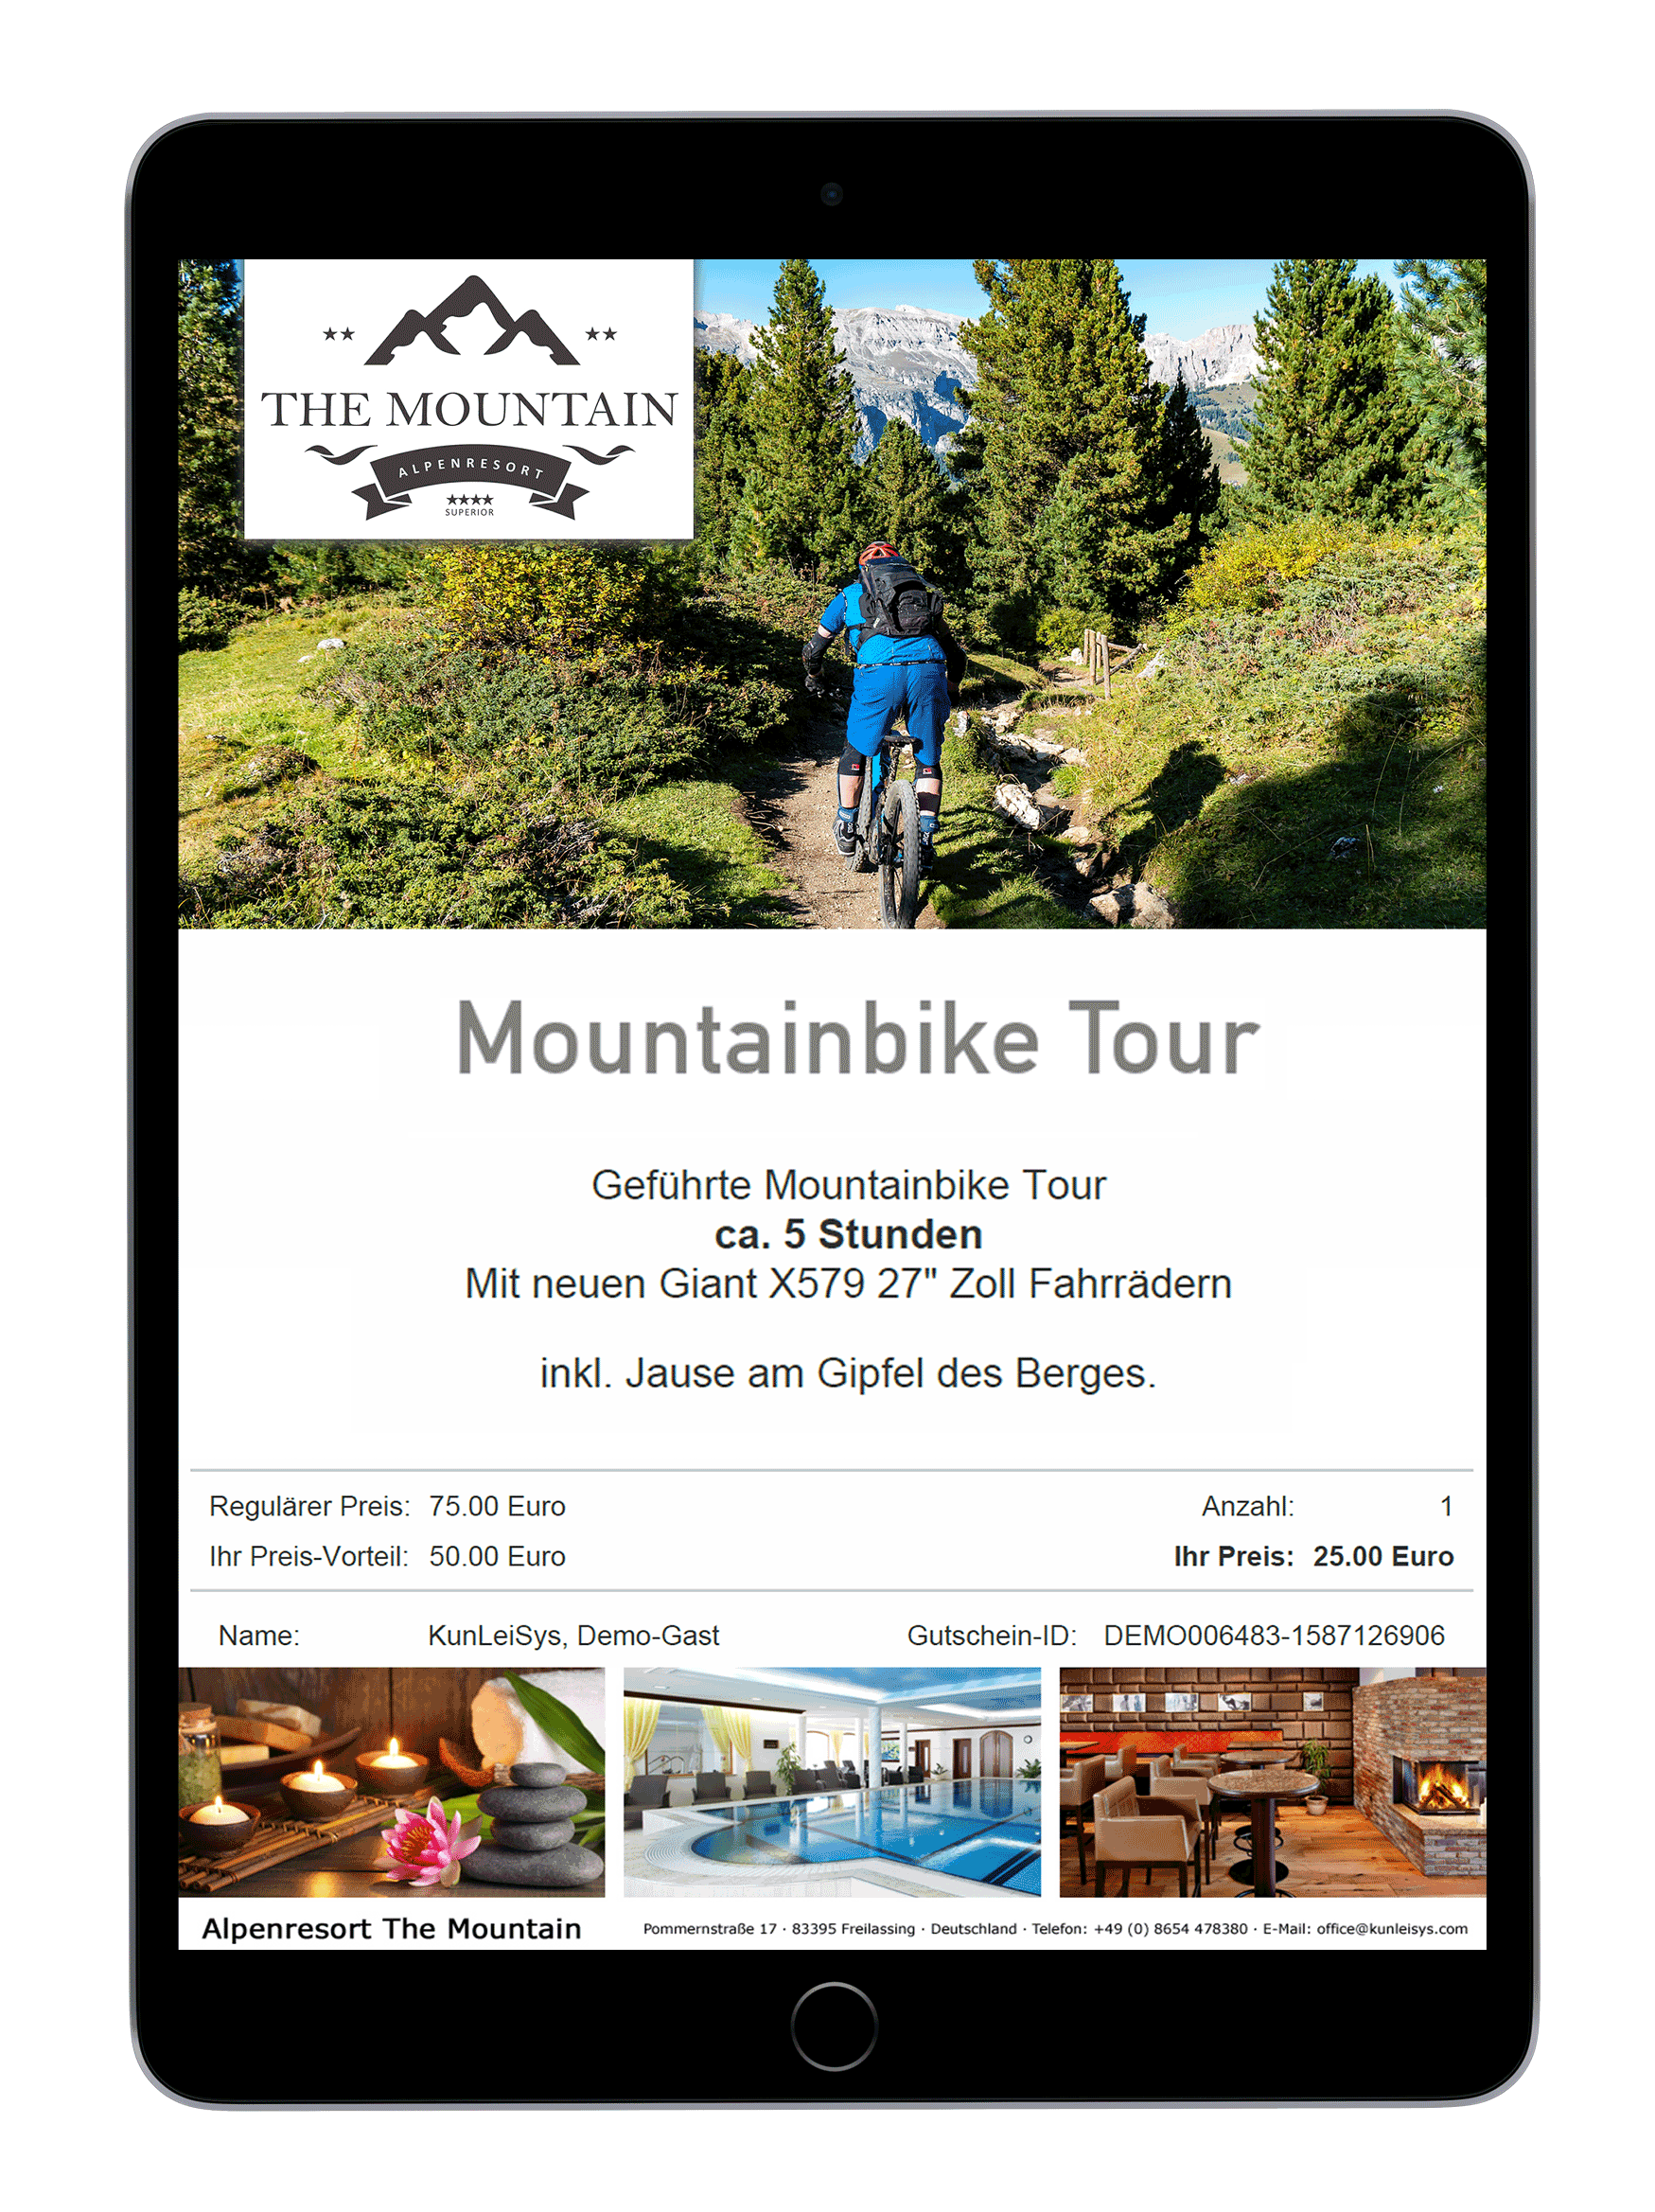 KunLeiSys Goodie-Gutschein-Mountainbike